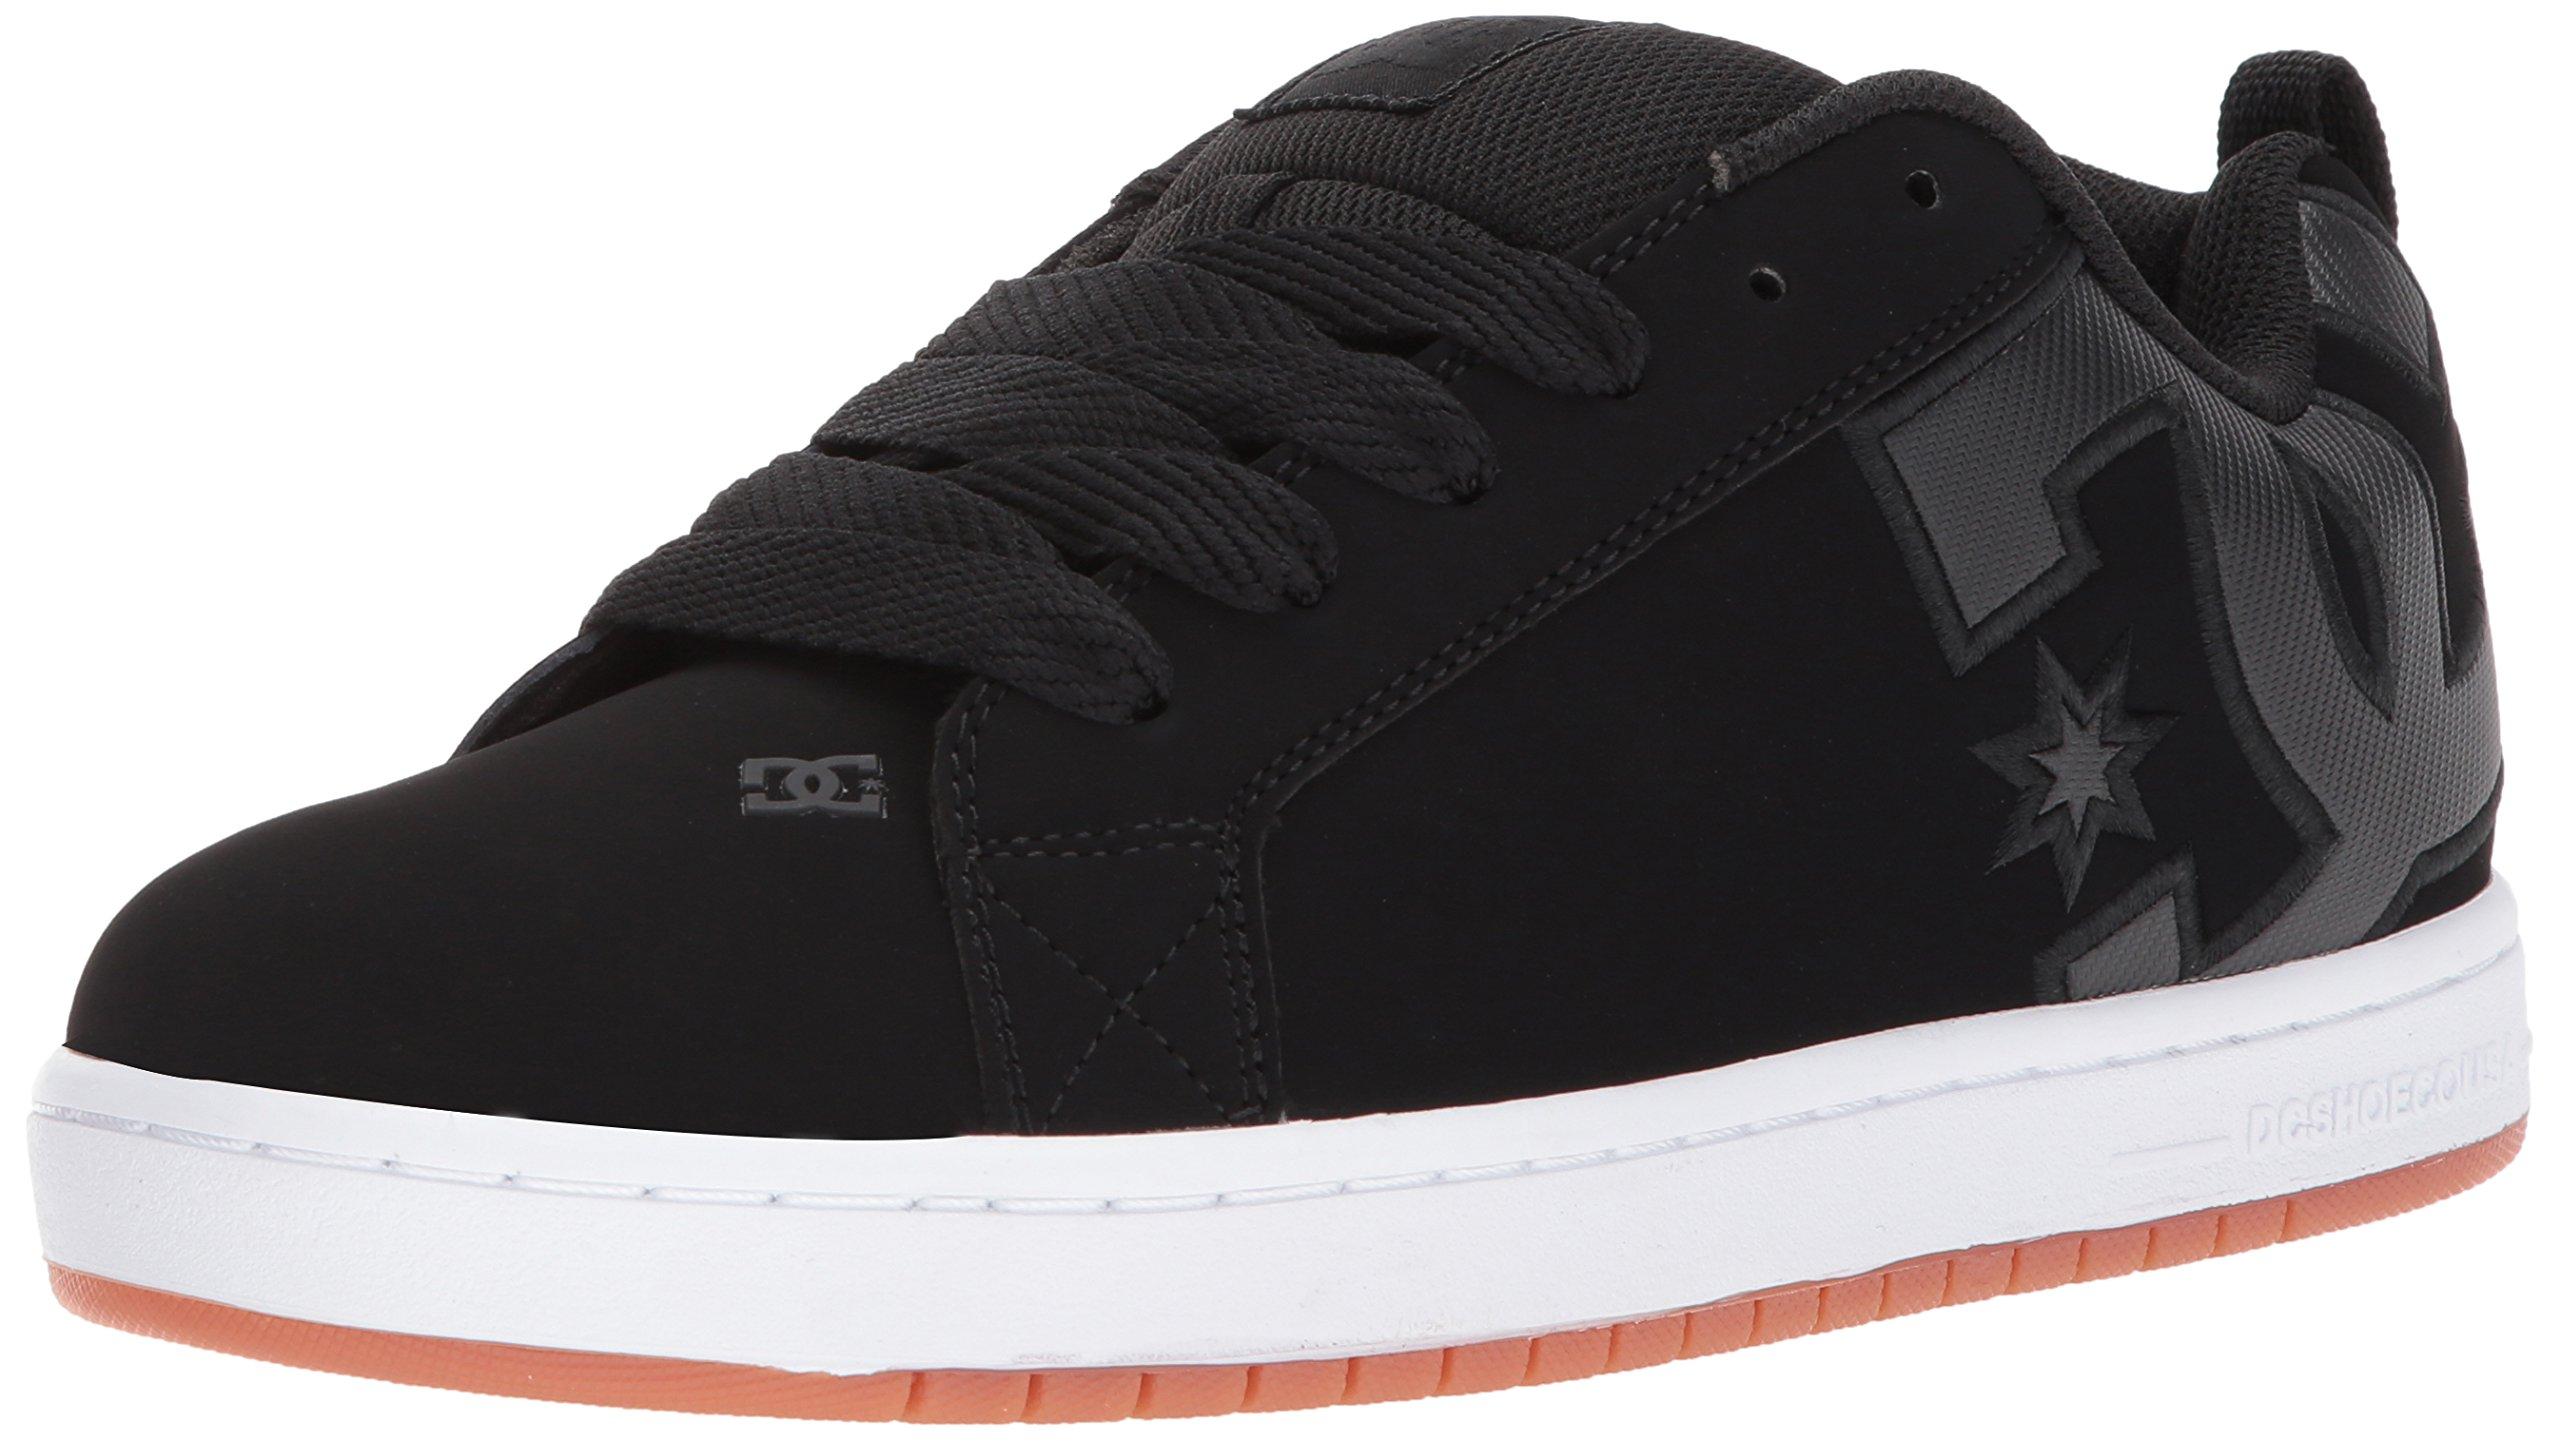 DC Men's Court Graffik SE Skate Shoe Black/Gum, 6 D D US